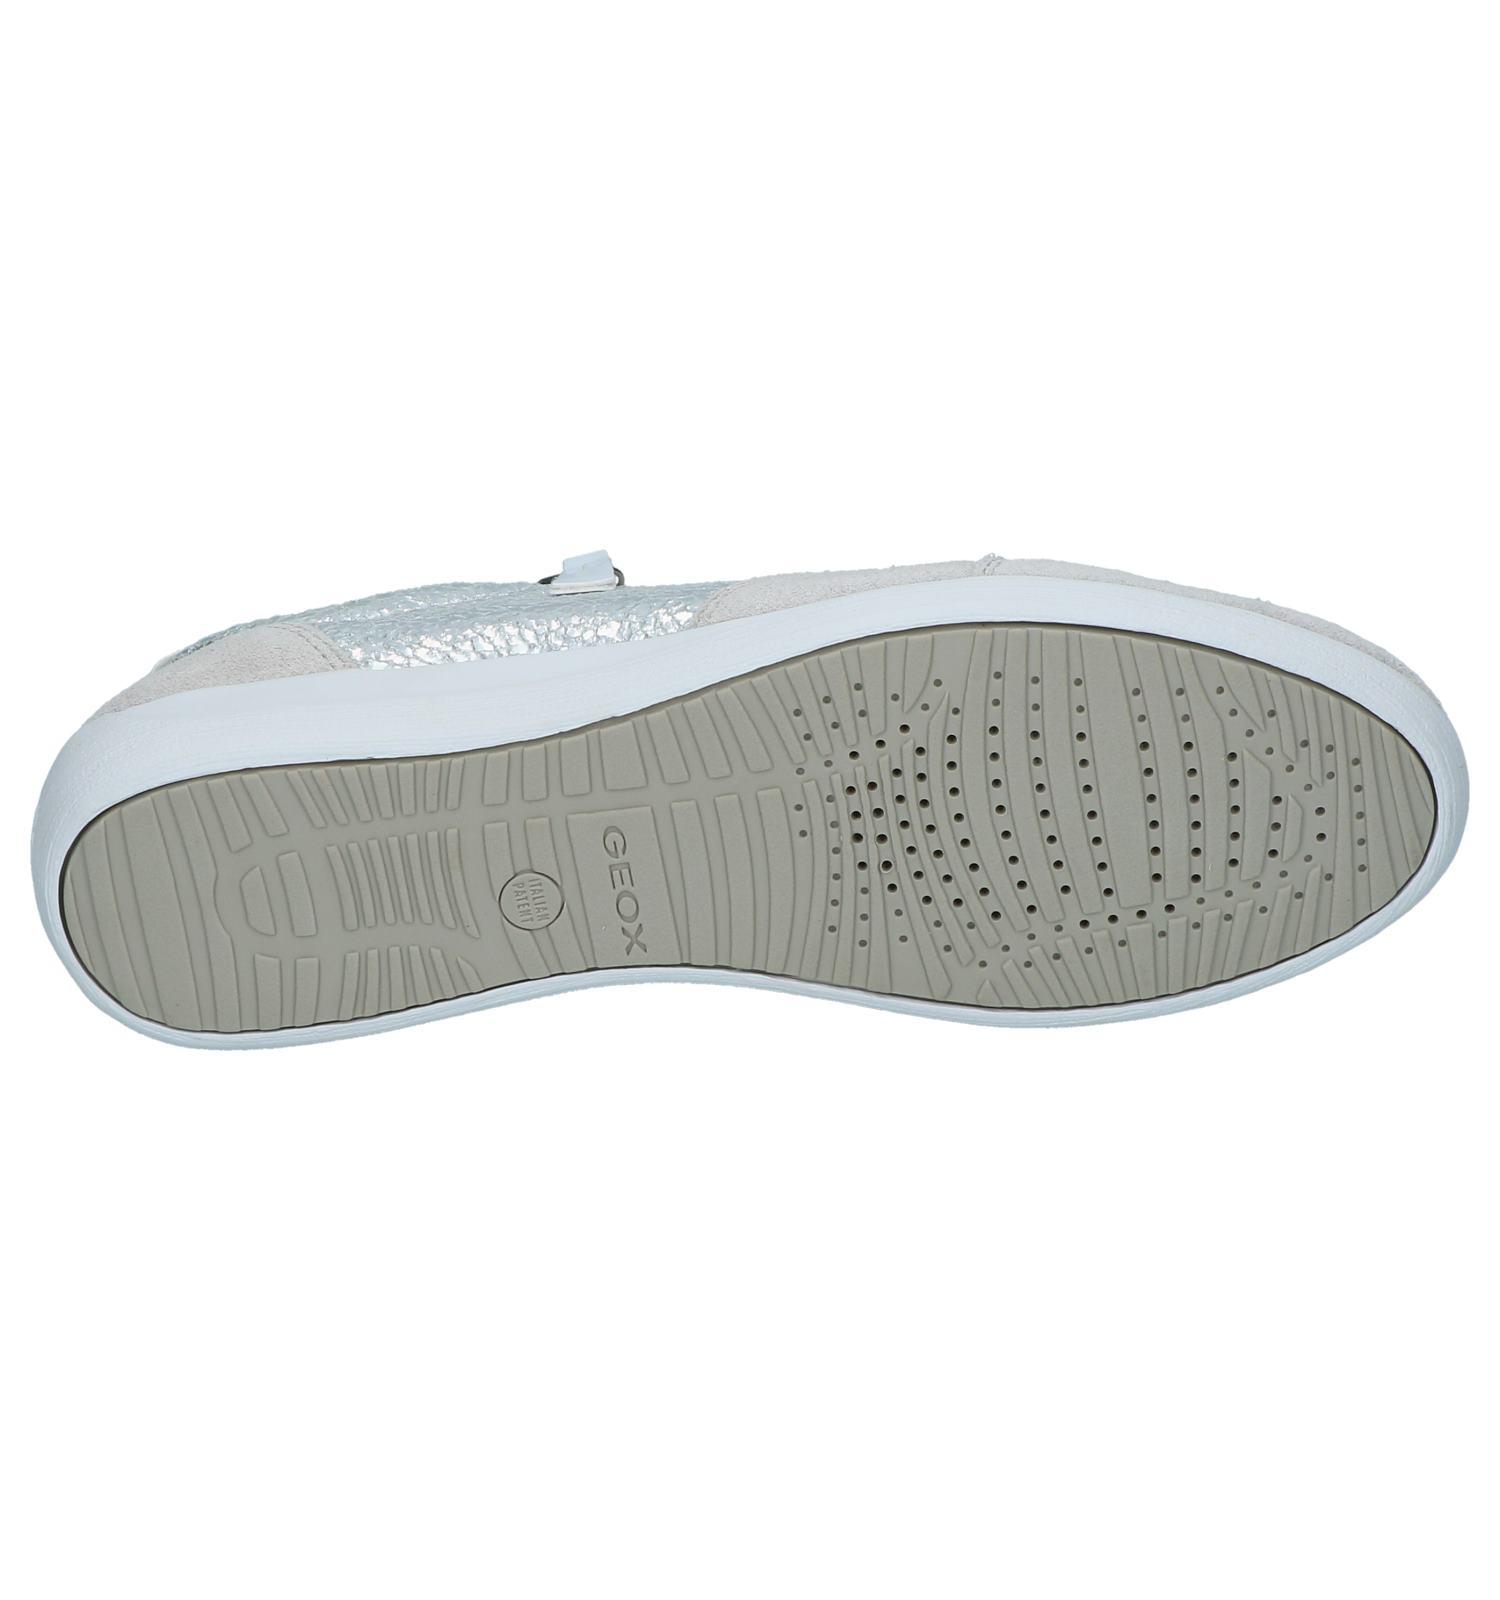 veter Zilveren Myria Geox Schoenen Met Rits 8nwXO0Pk